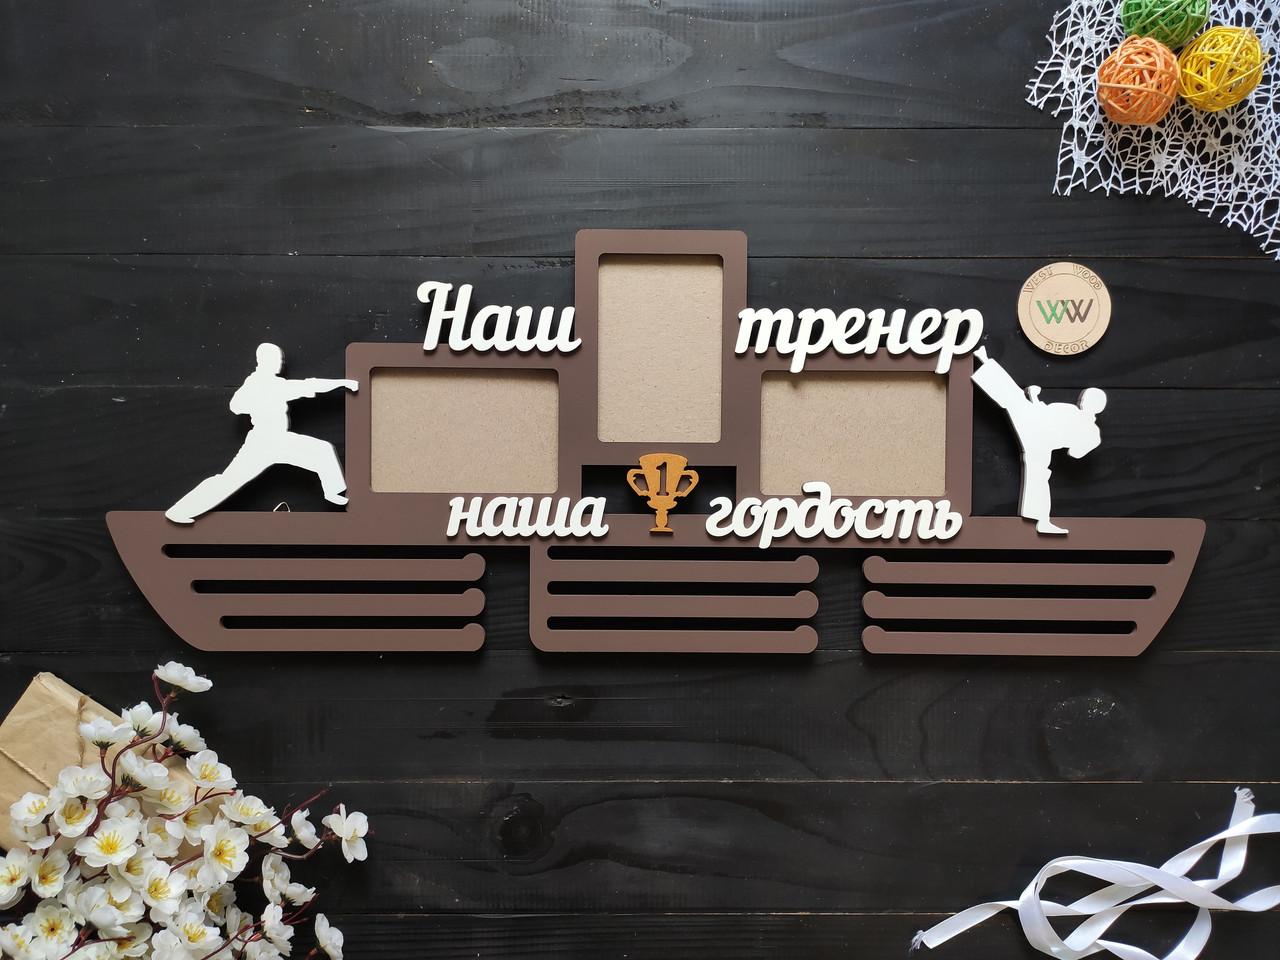 """Медальница, держатель для медалей """"Наш тренер наша гордость"""", каратэ (любой спорт) с фото. Подарок тренеру"""